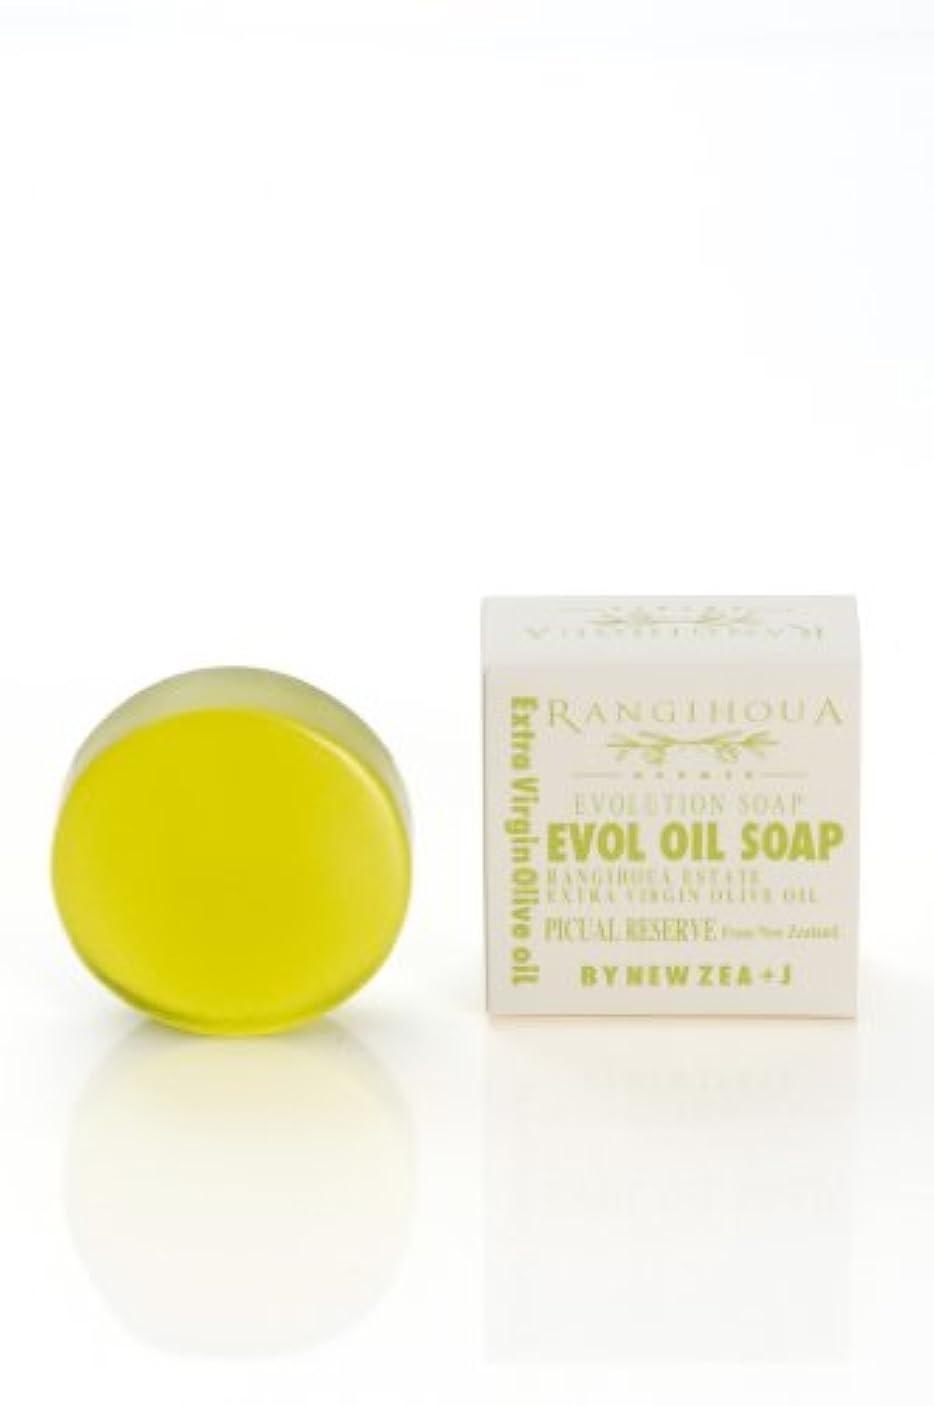 縫うスポーツをする知覚【NEW ZEA+J ニュージージェー】 エボル?オイルソープ EVOL OIL SOAP